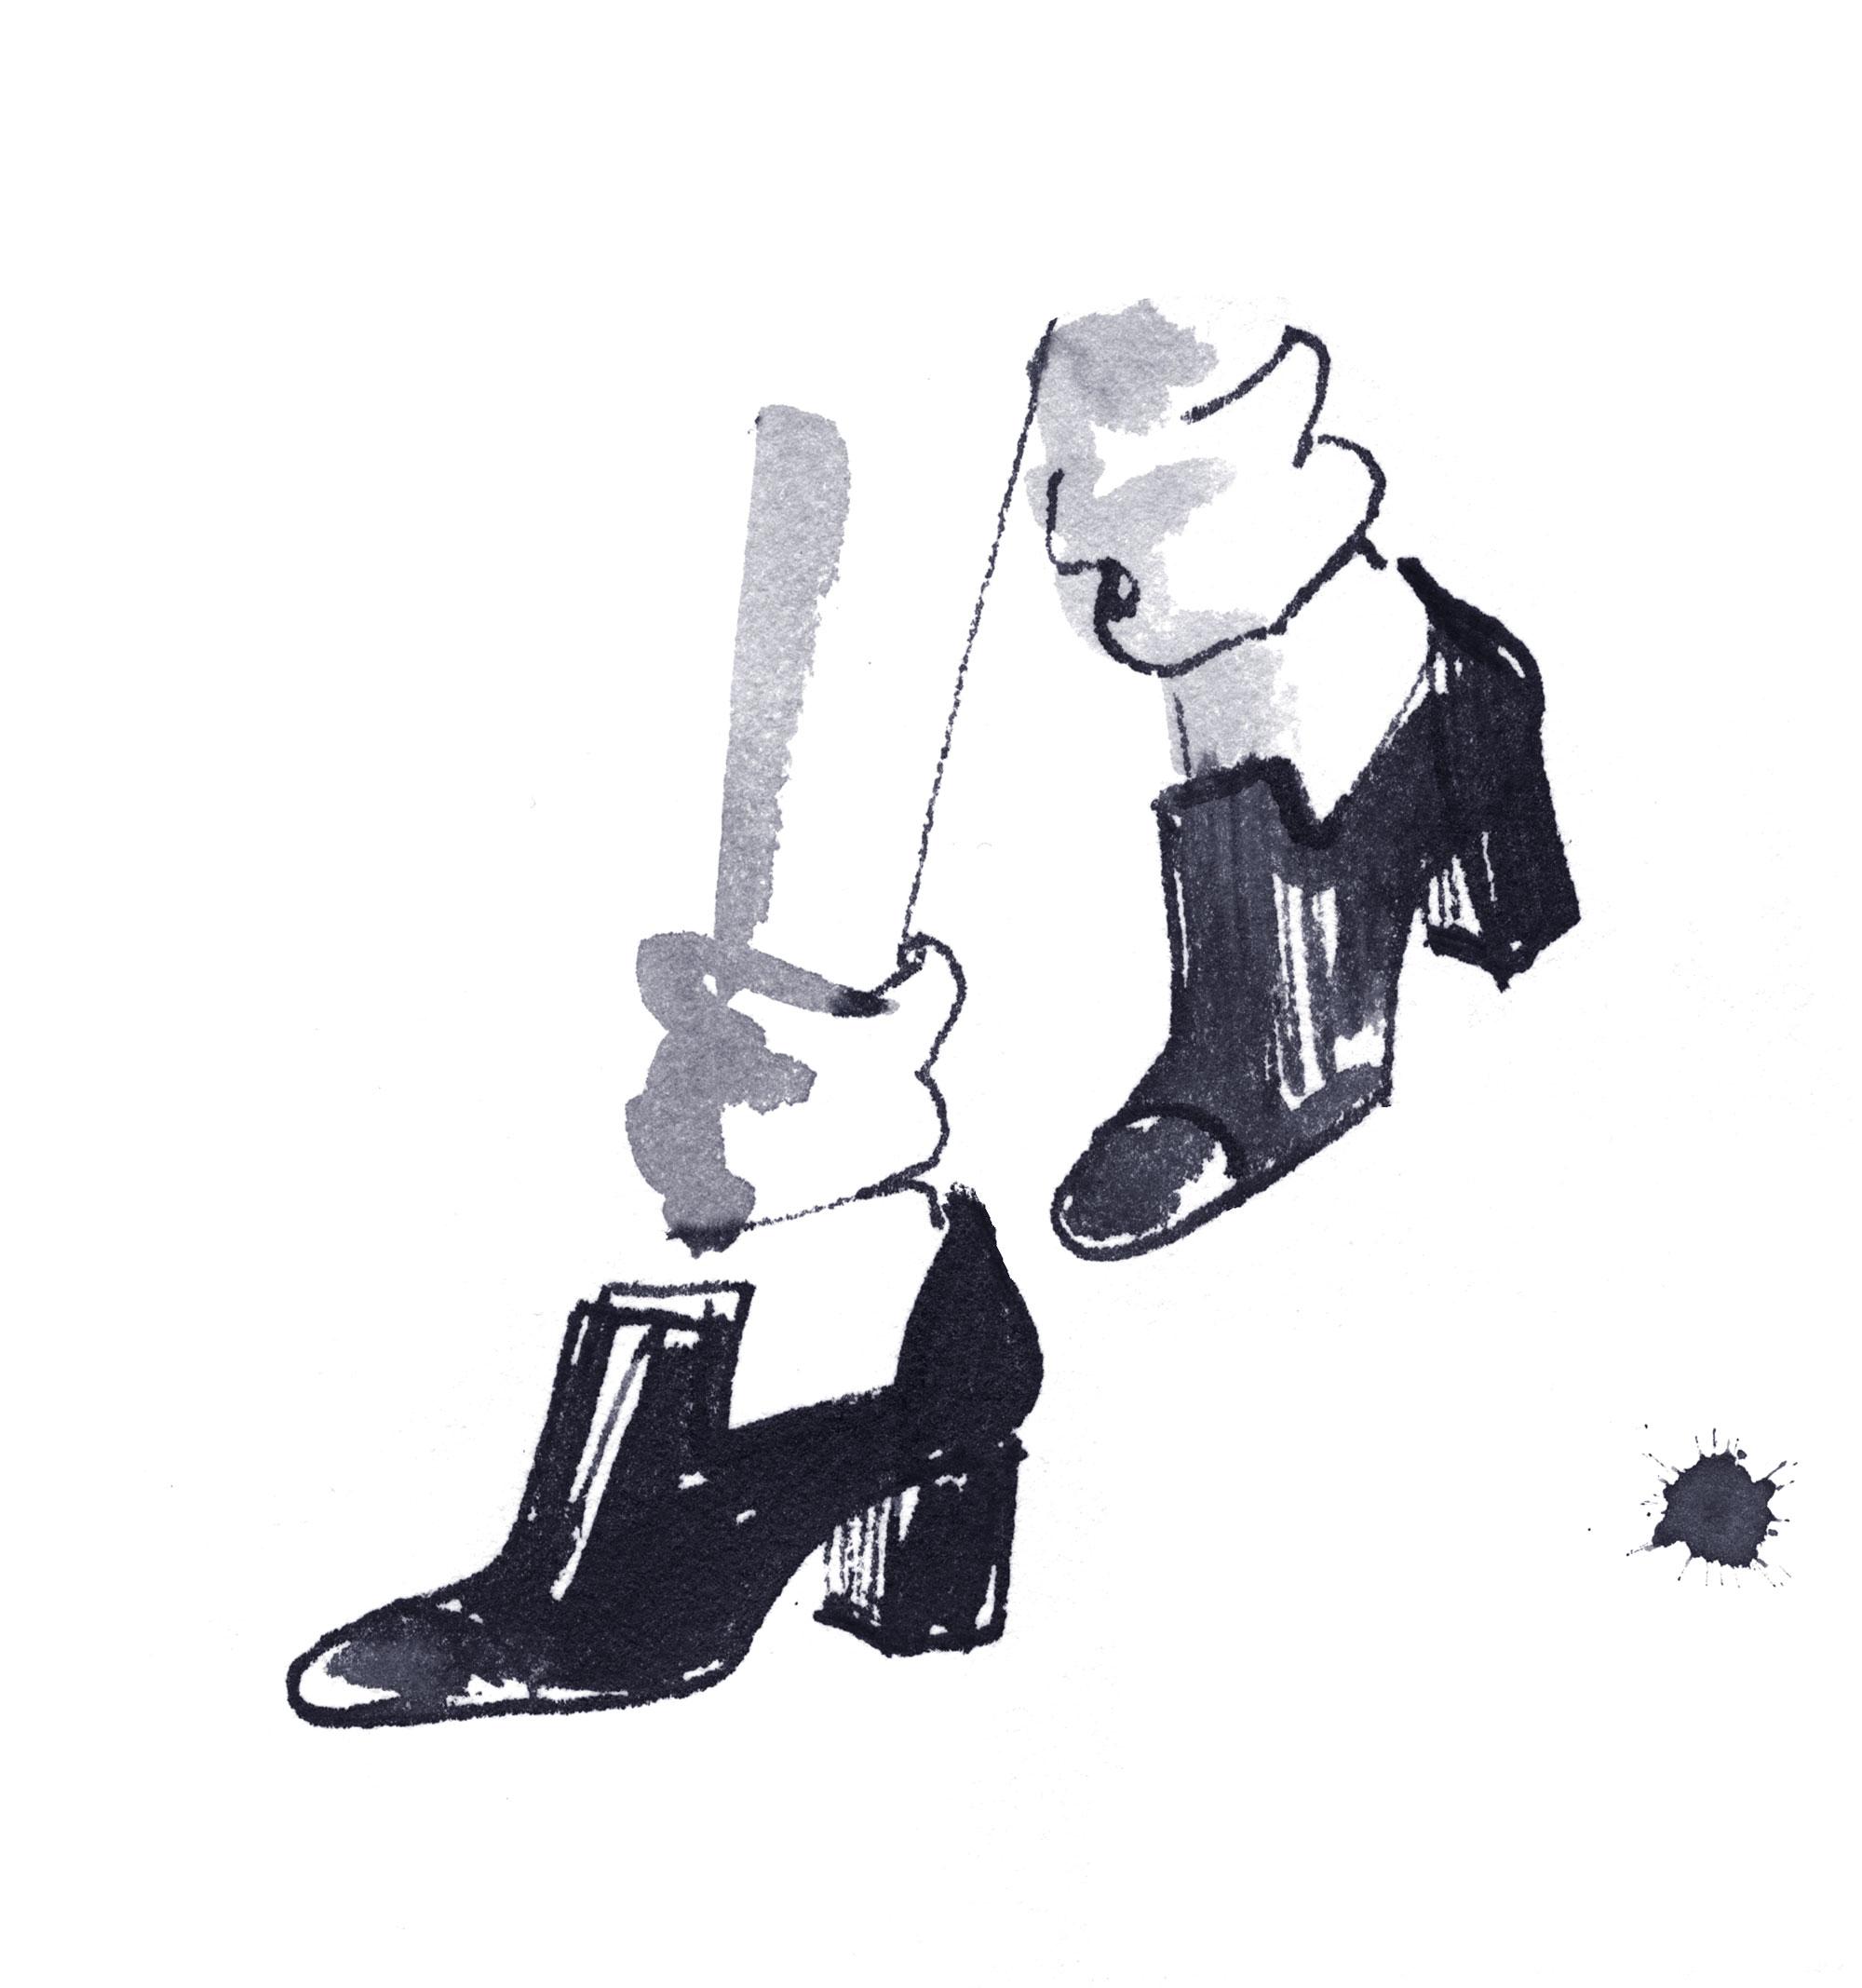 Lovisa-Burfitt-illustration-Chanel-shoes-2020